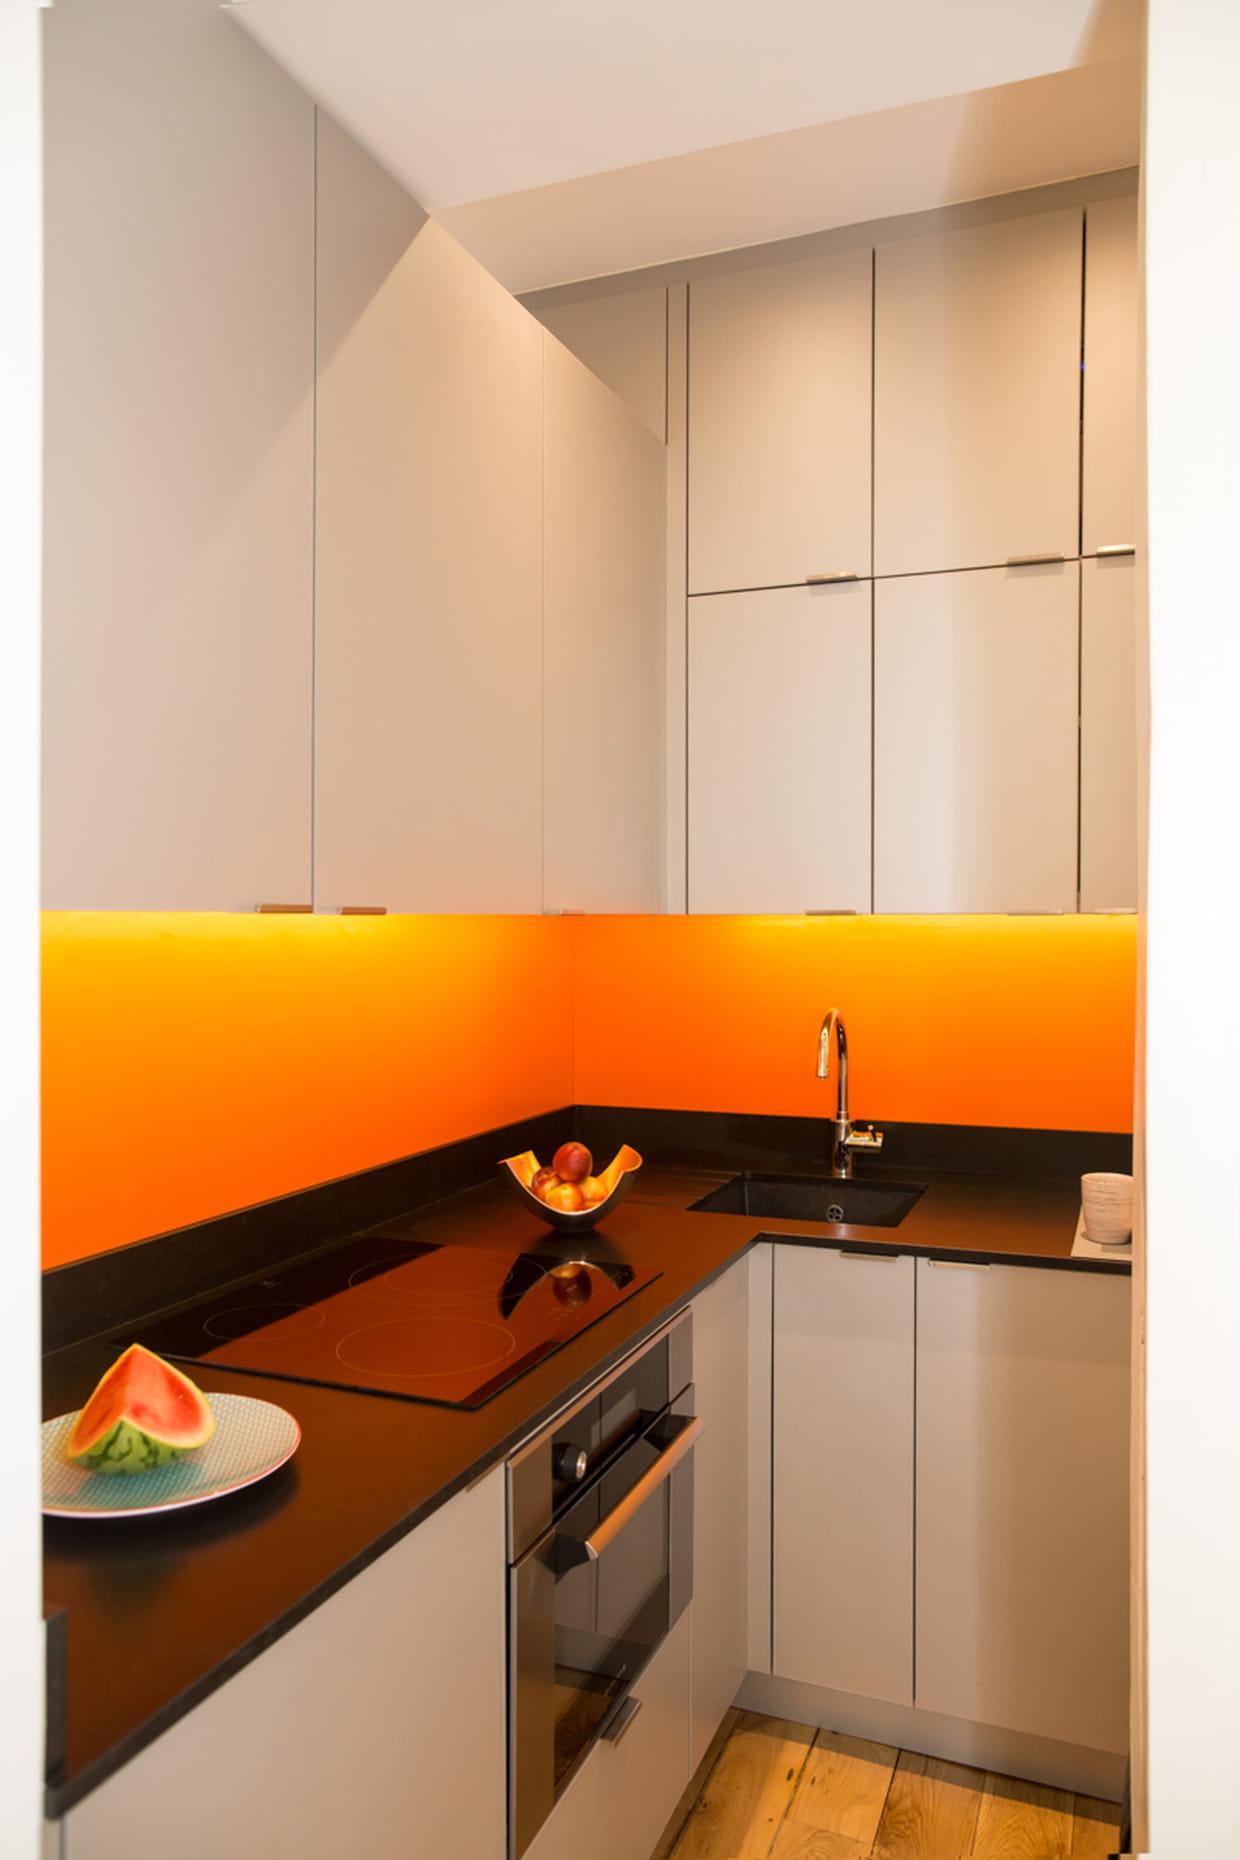 Apr s une mini cuisine mais maxi quip e - Mini cuisine equipee ...